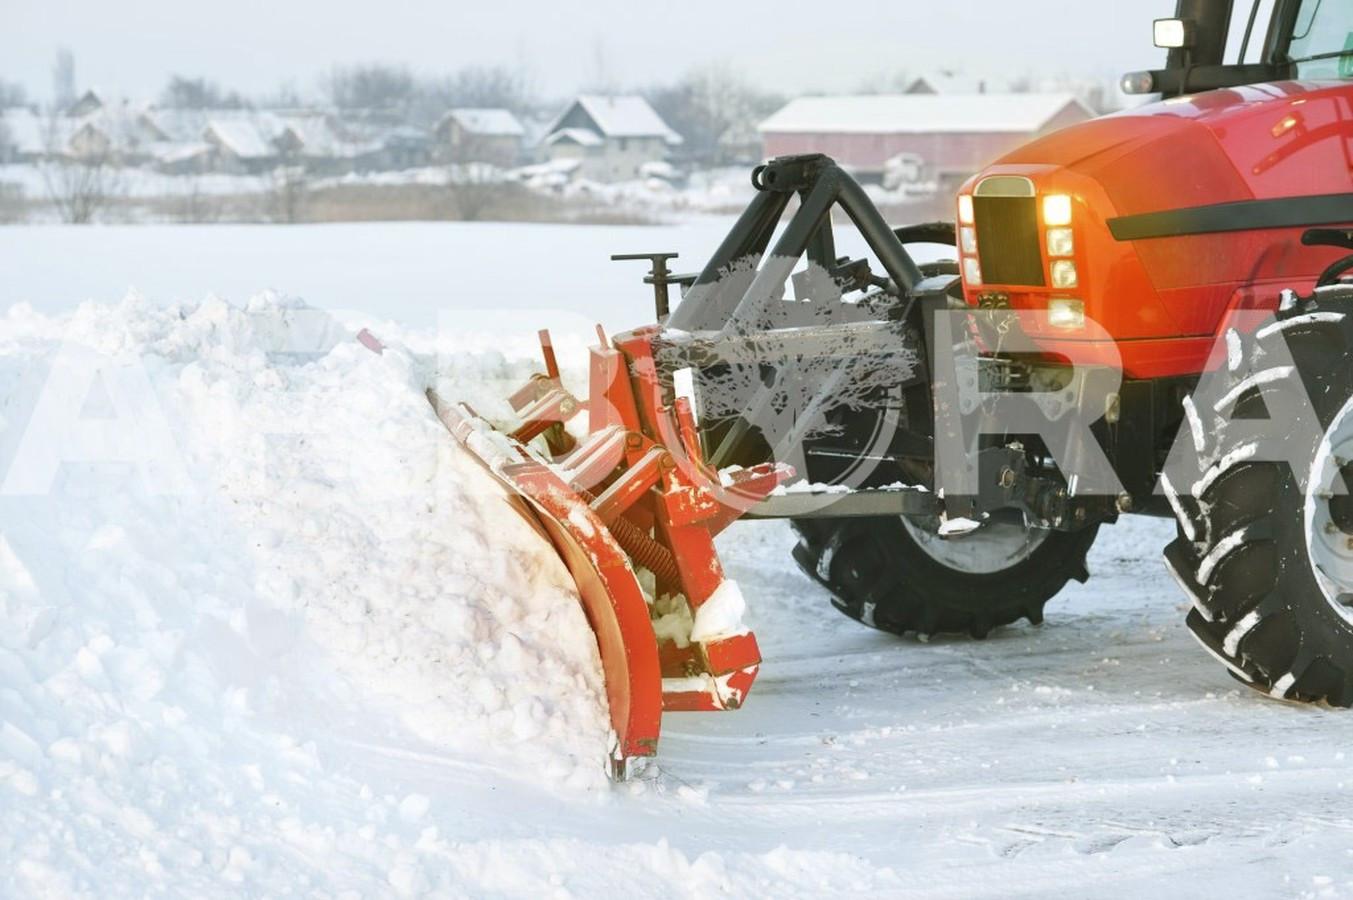 ?Mechanizuotas arba rankinis sniego valymas. ?Sniego valymas nuo stogų ir kitų įvairių paviršių. ?Sniego kasimas ir stumdymas. ?Mechanizuotas arba rankinis barstymas smėlio-druskos mišiniu.